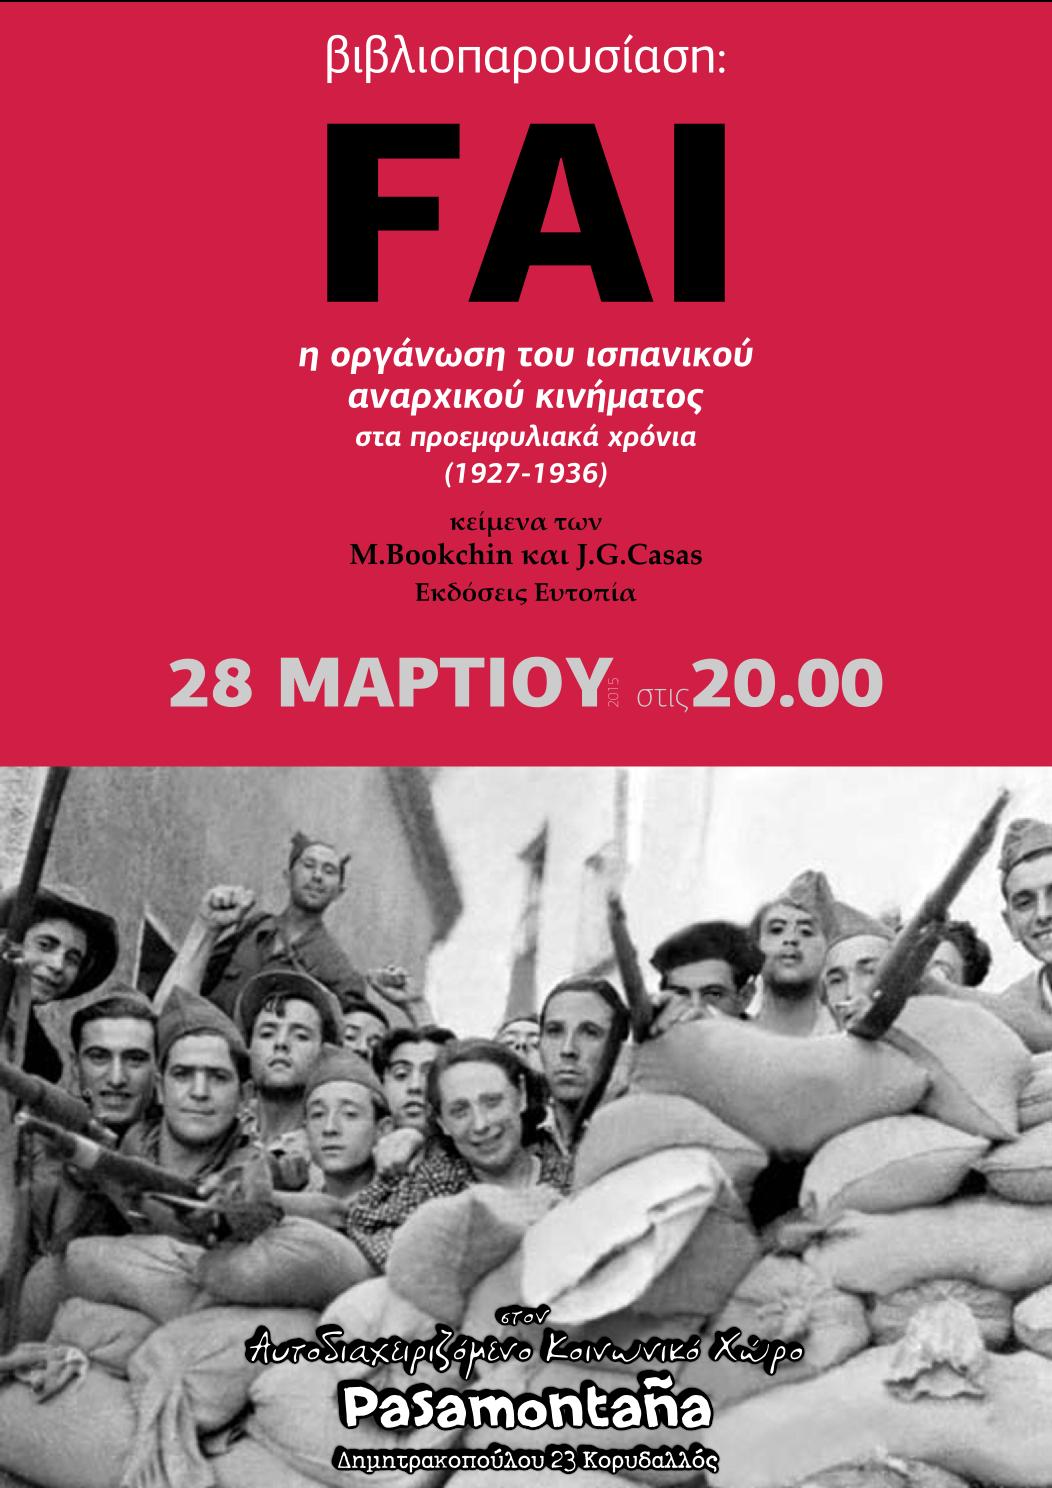 βιβλιοπαρουσιαση: FAI (3/'15)